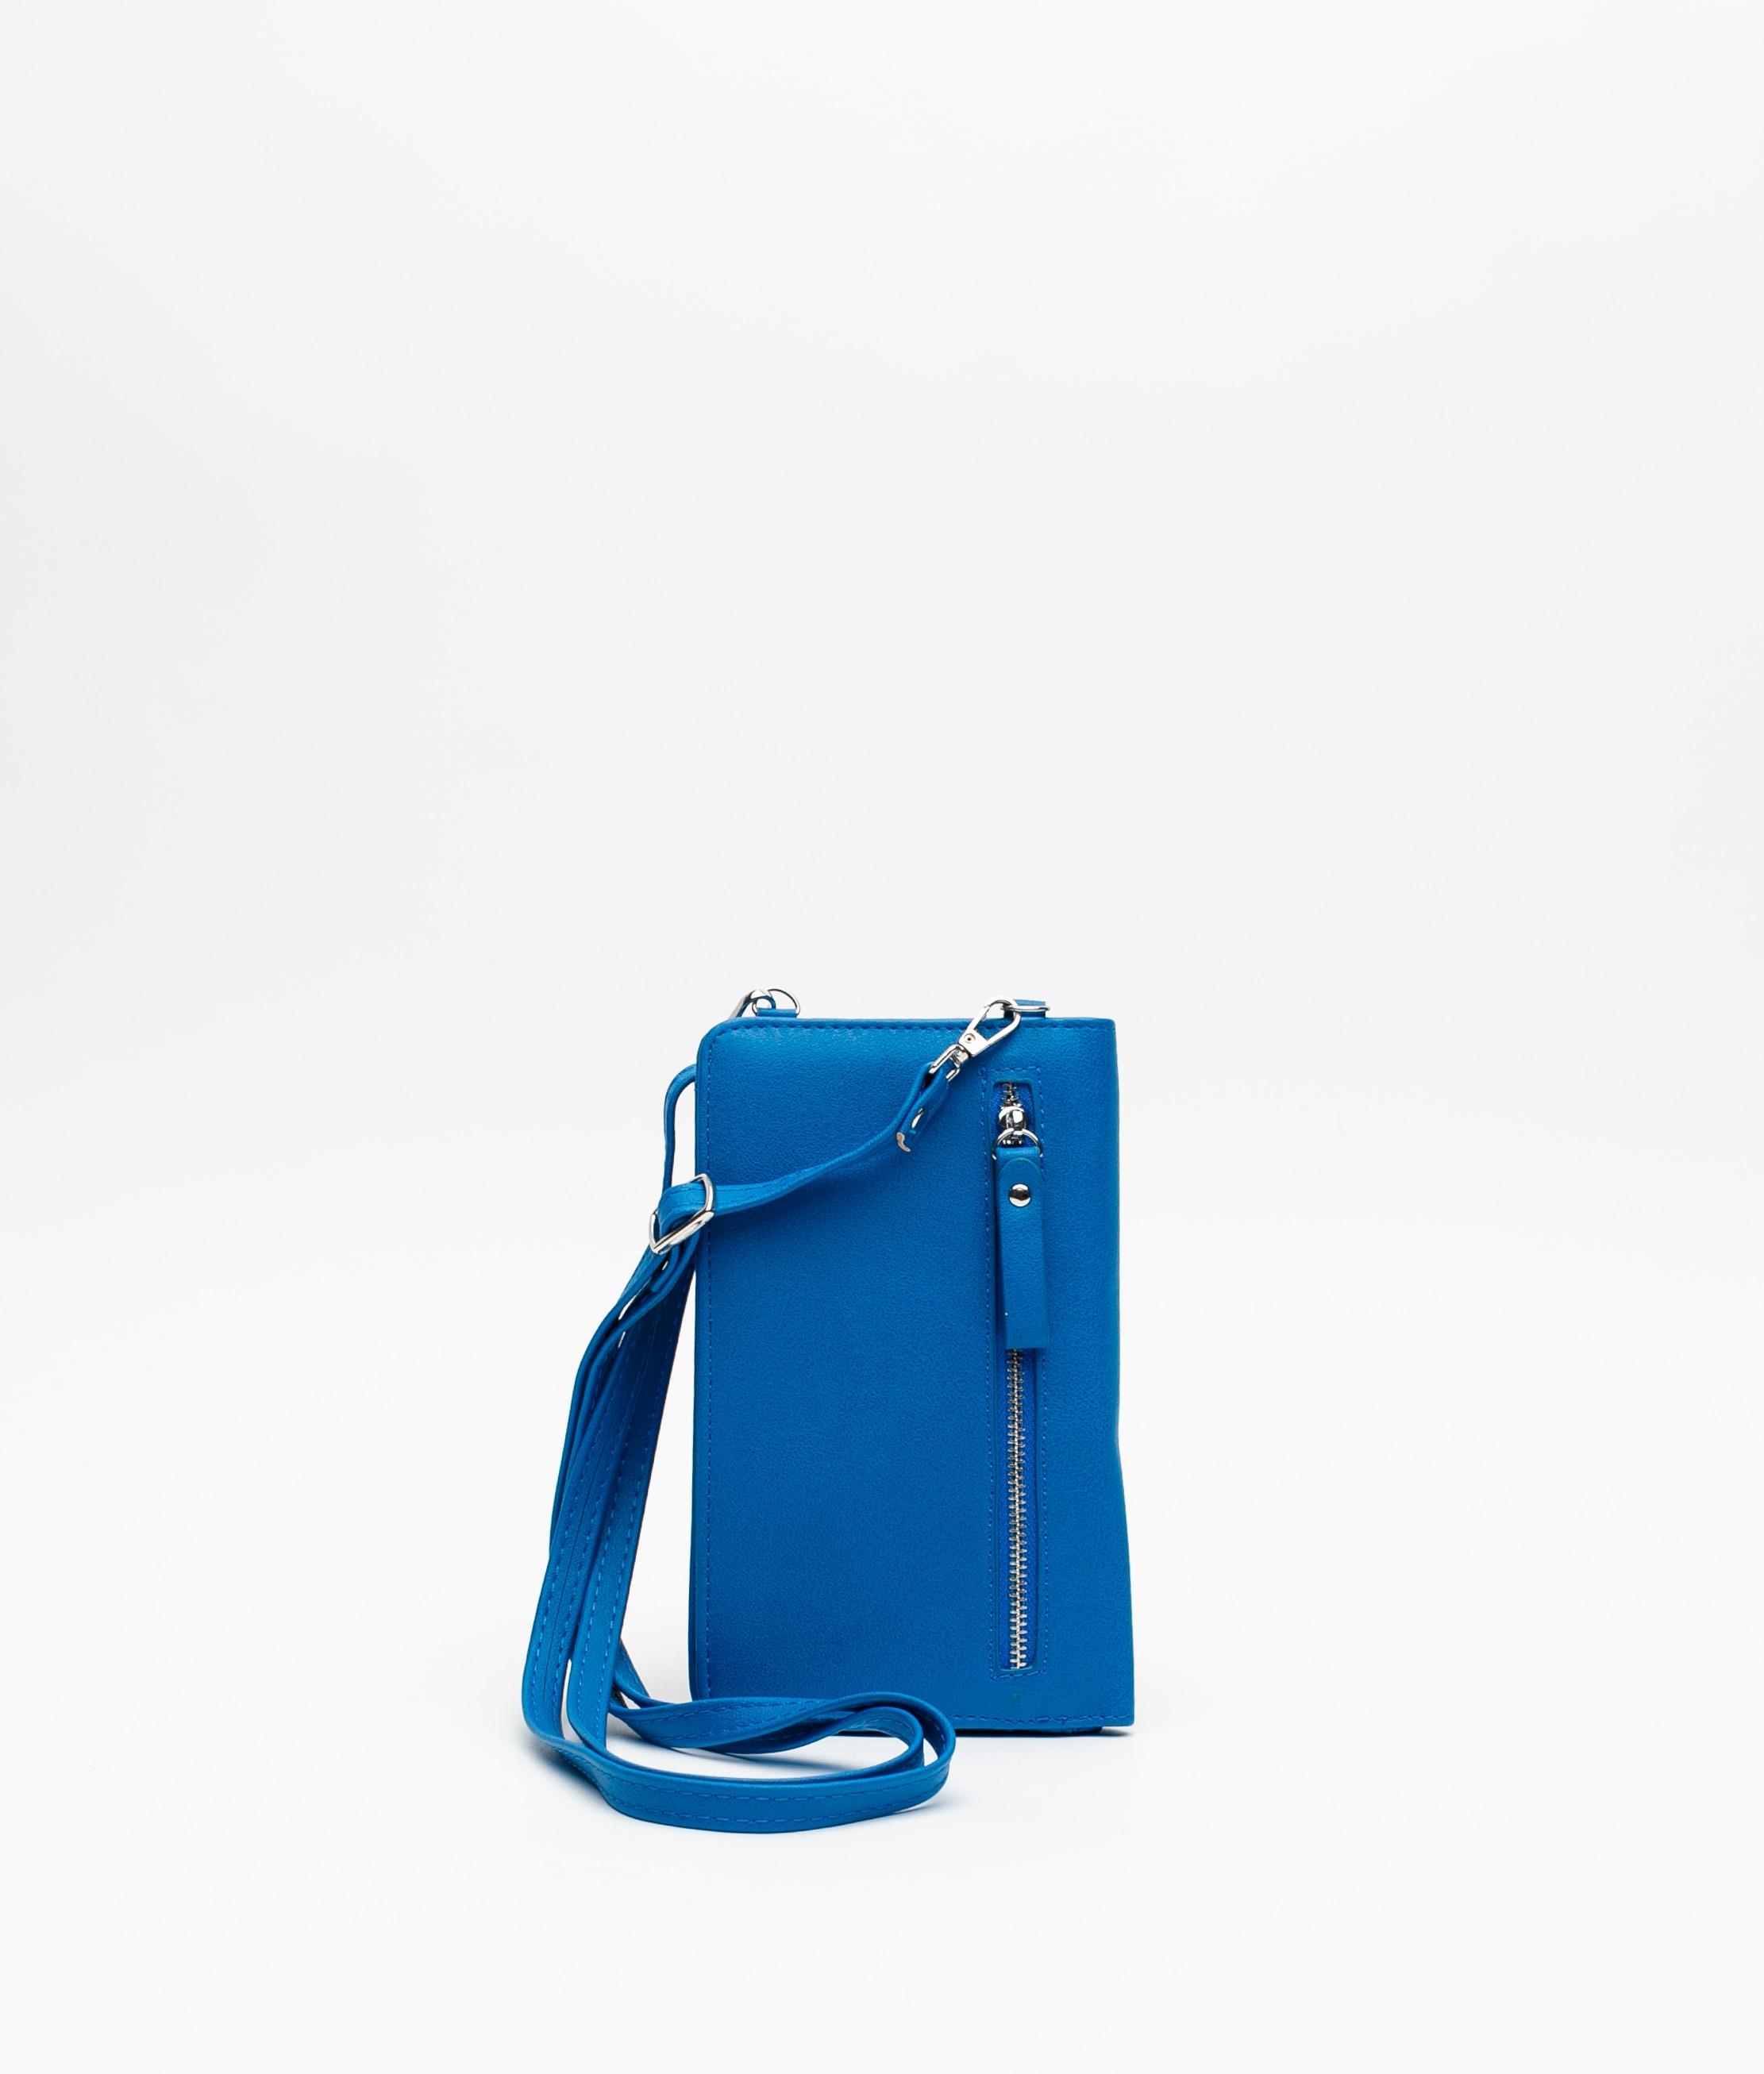 Wallet Mobile Holder Maria - Blue